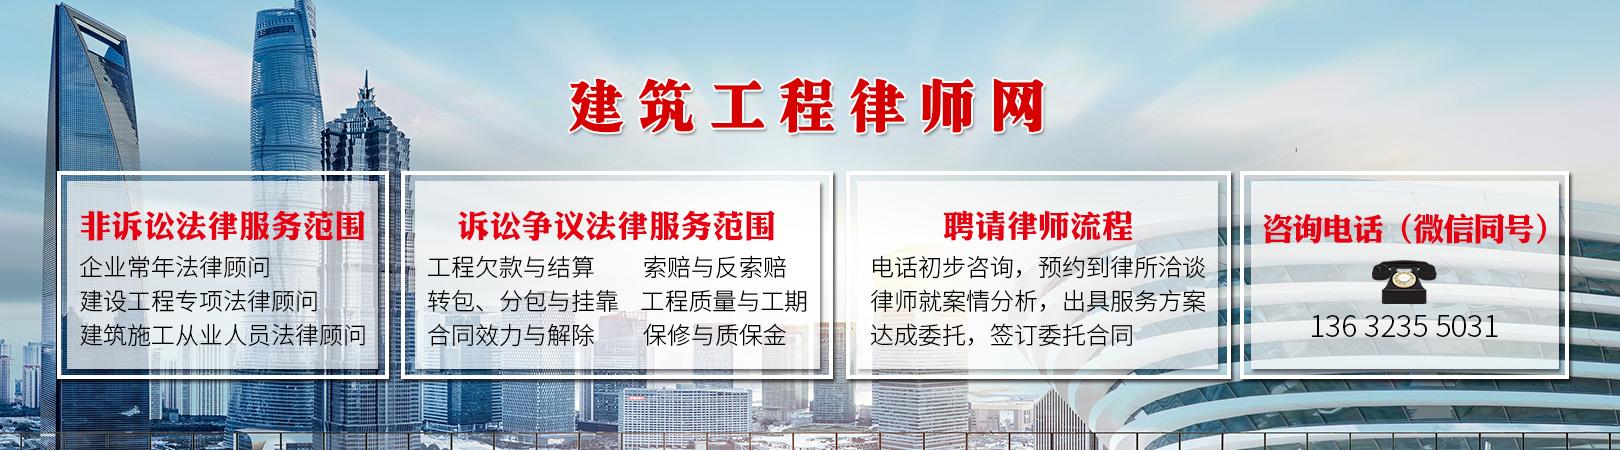 广州建设工程施工合同律师